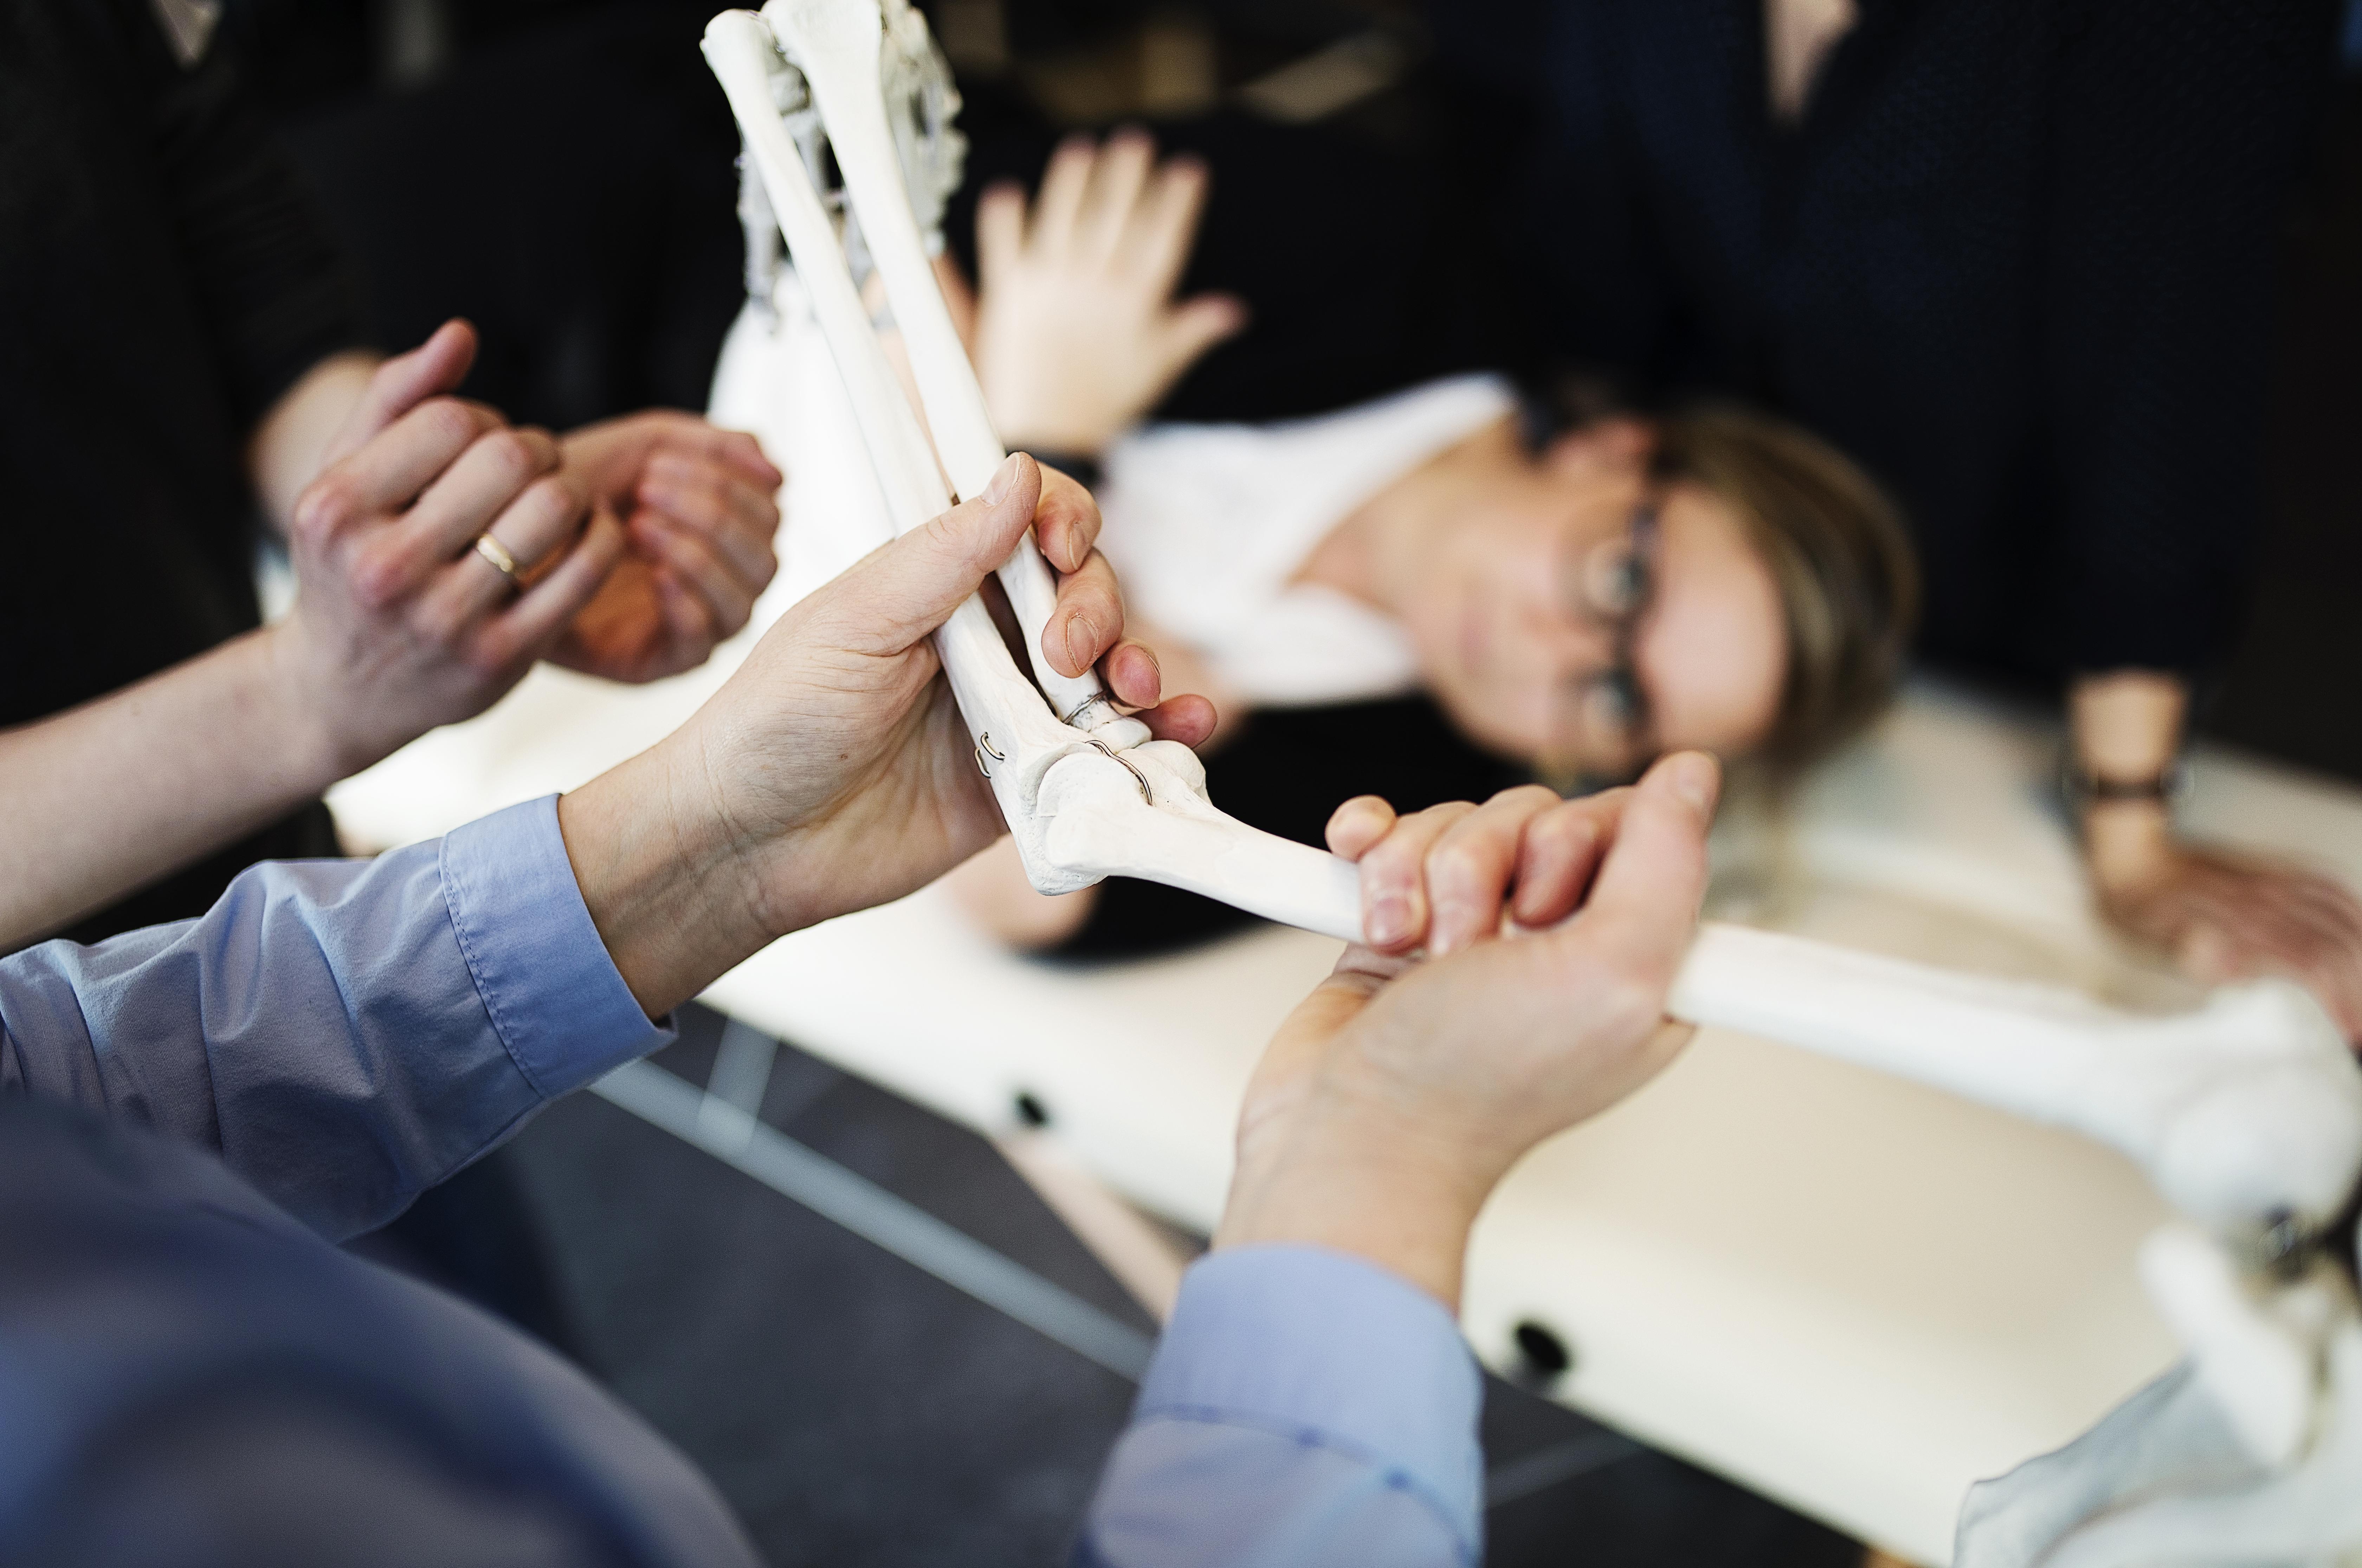 På albuekurset lærer håndterapeuterne nye undersøgelses- og behandlingsteknikker.